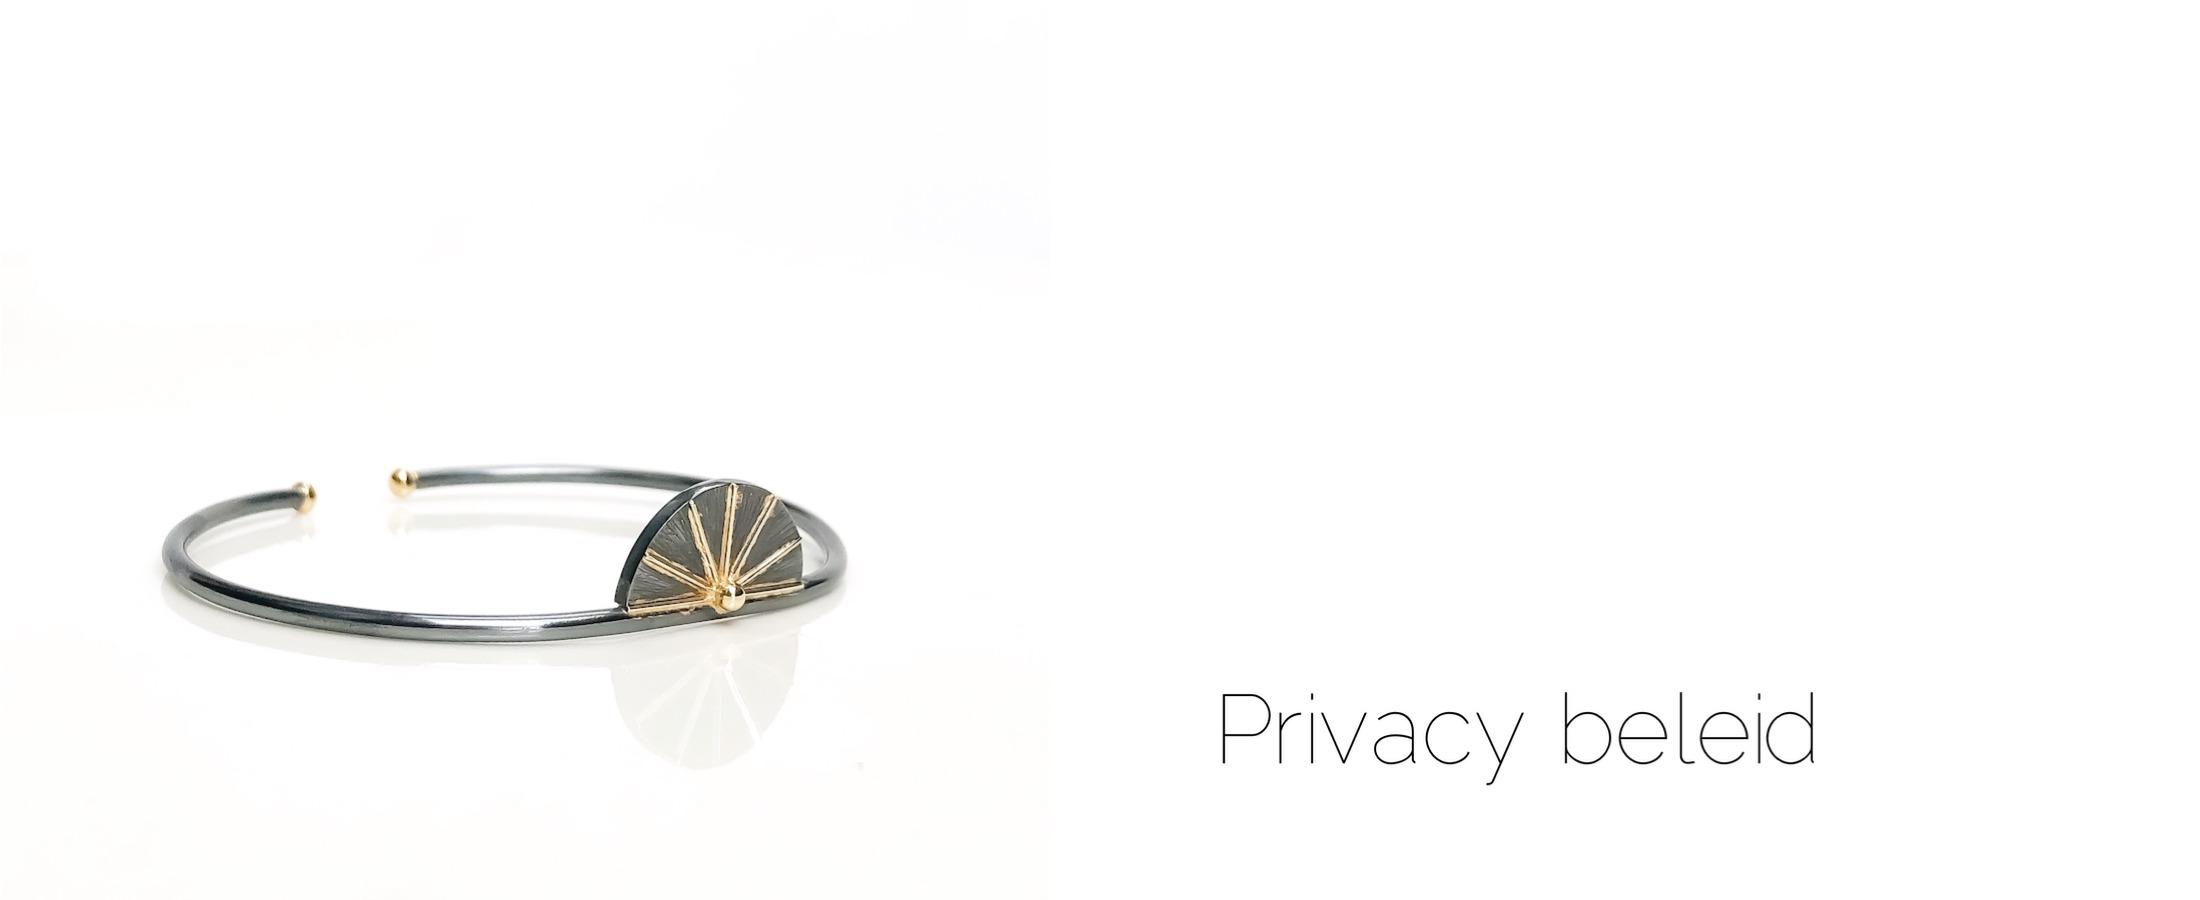 Privacy beleid vannesa Montoya